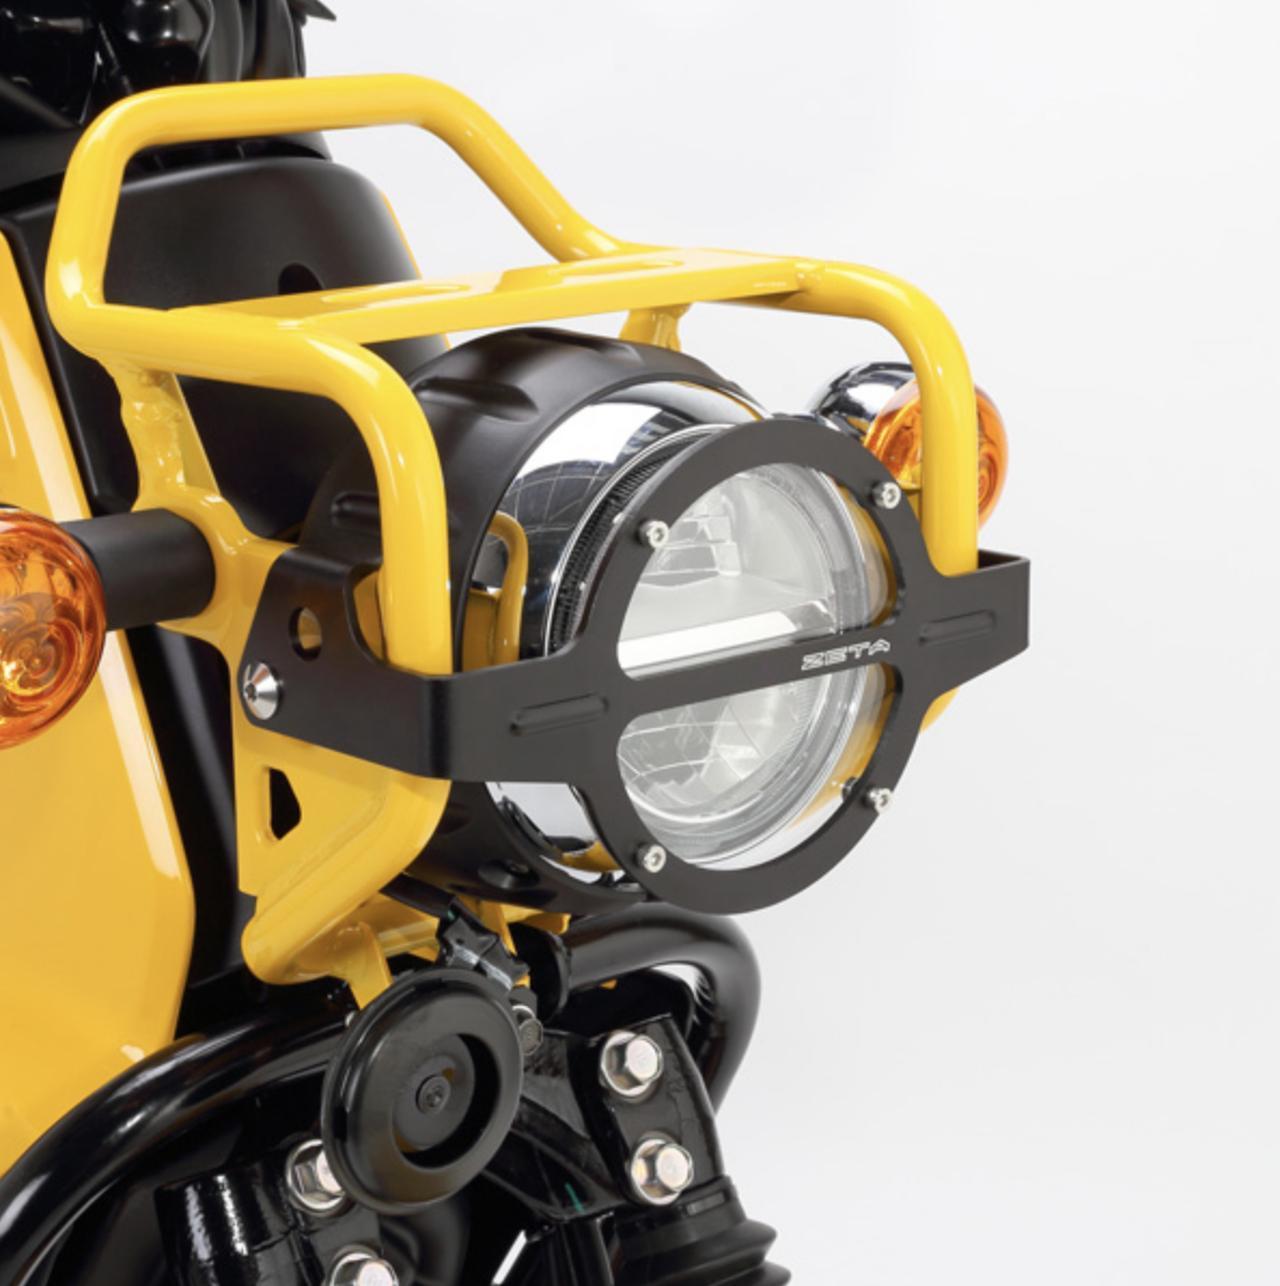 画像2: ヘッドライトの破損を未然に防ぐ安心プロテクター